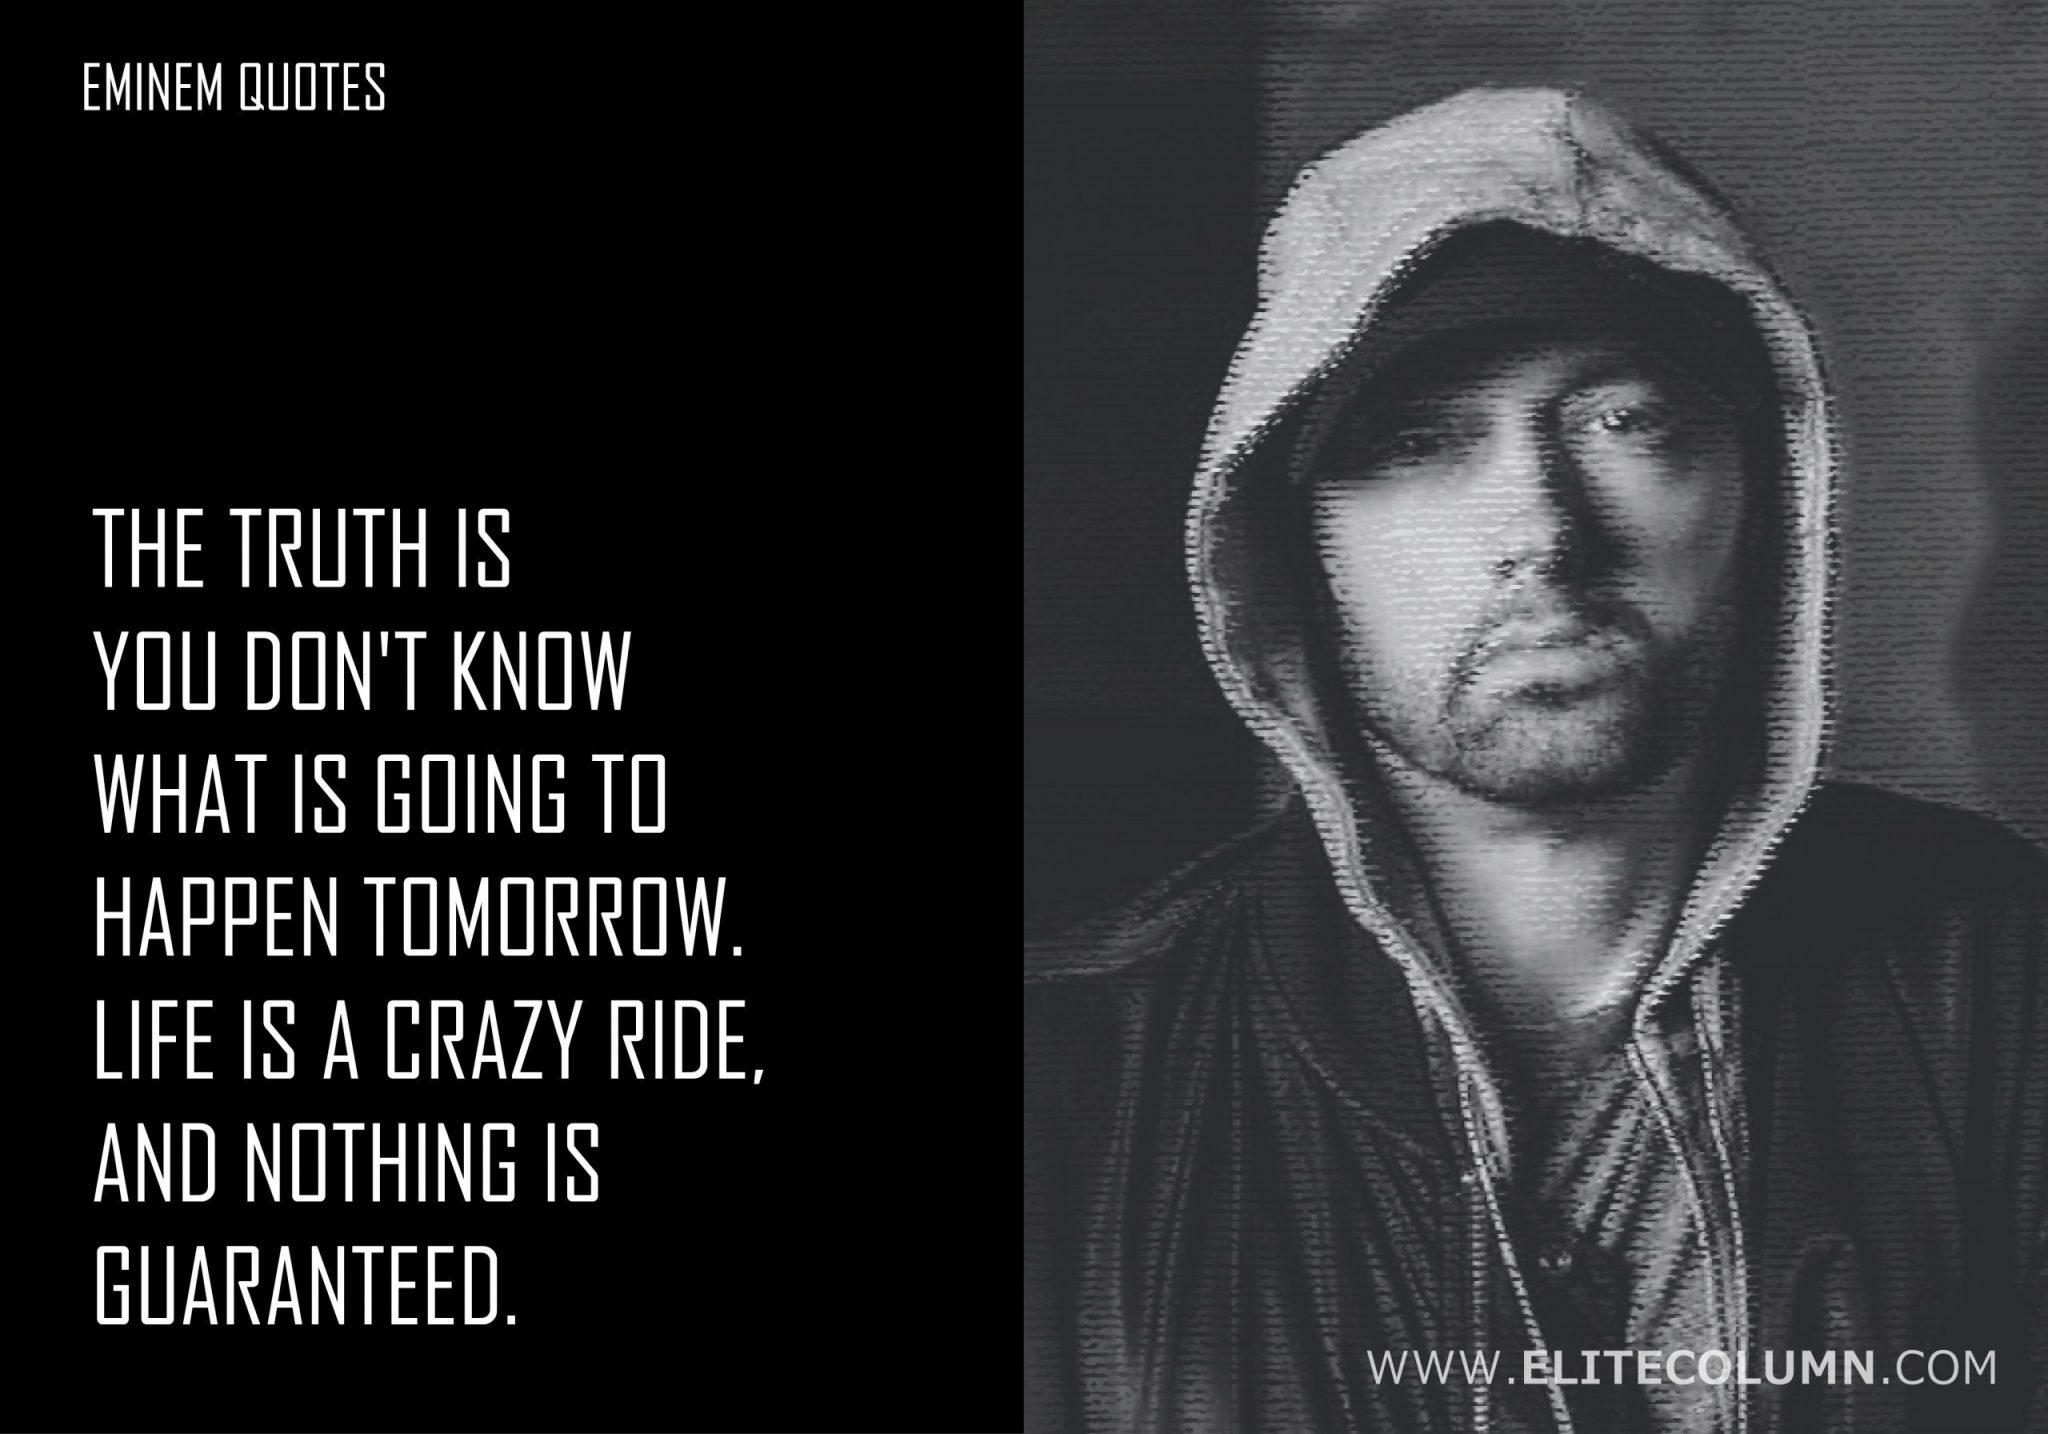 Eminem Quotes (1)